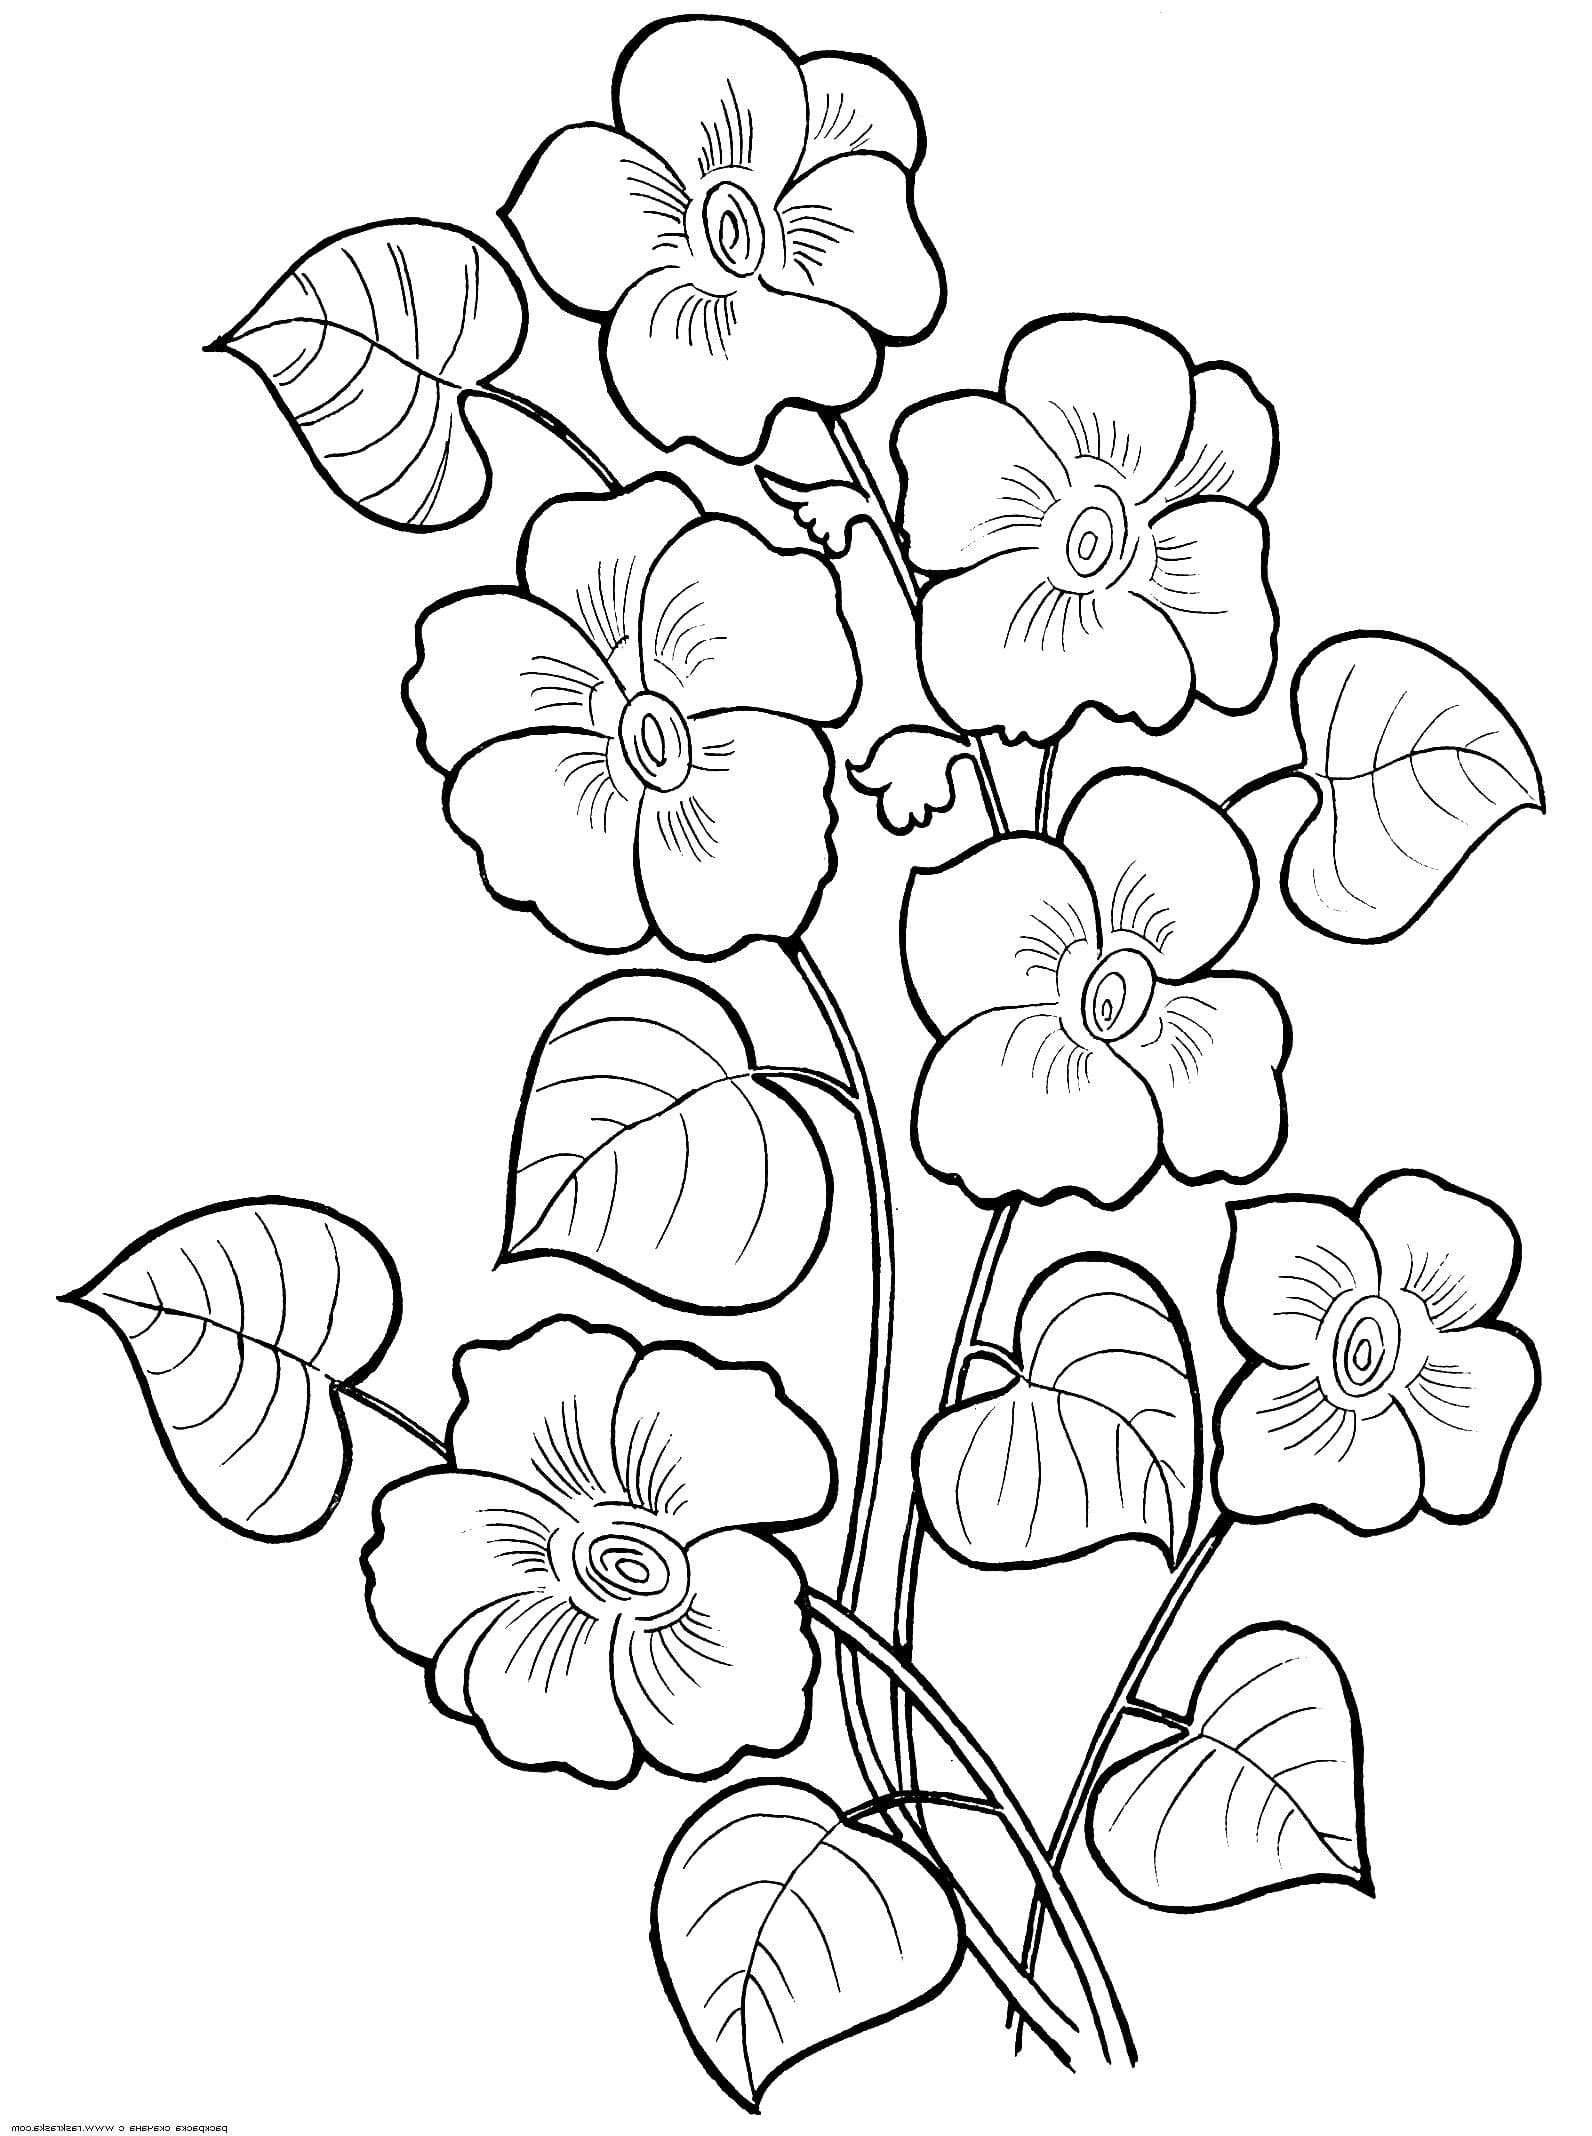 Раскраски Цветы. Красивые изображения для детского творчества